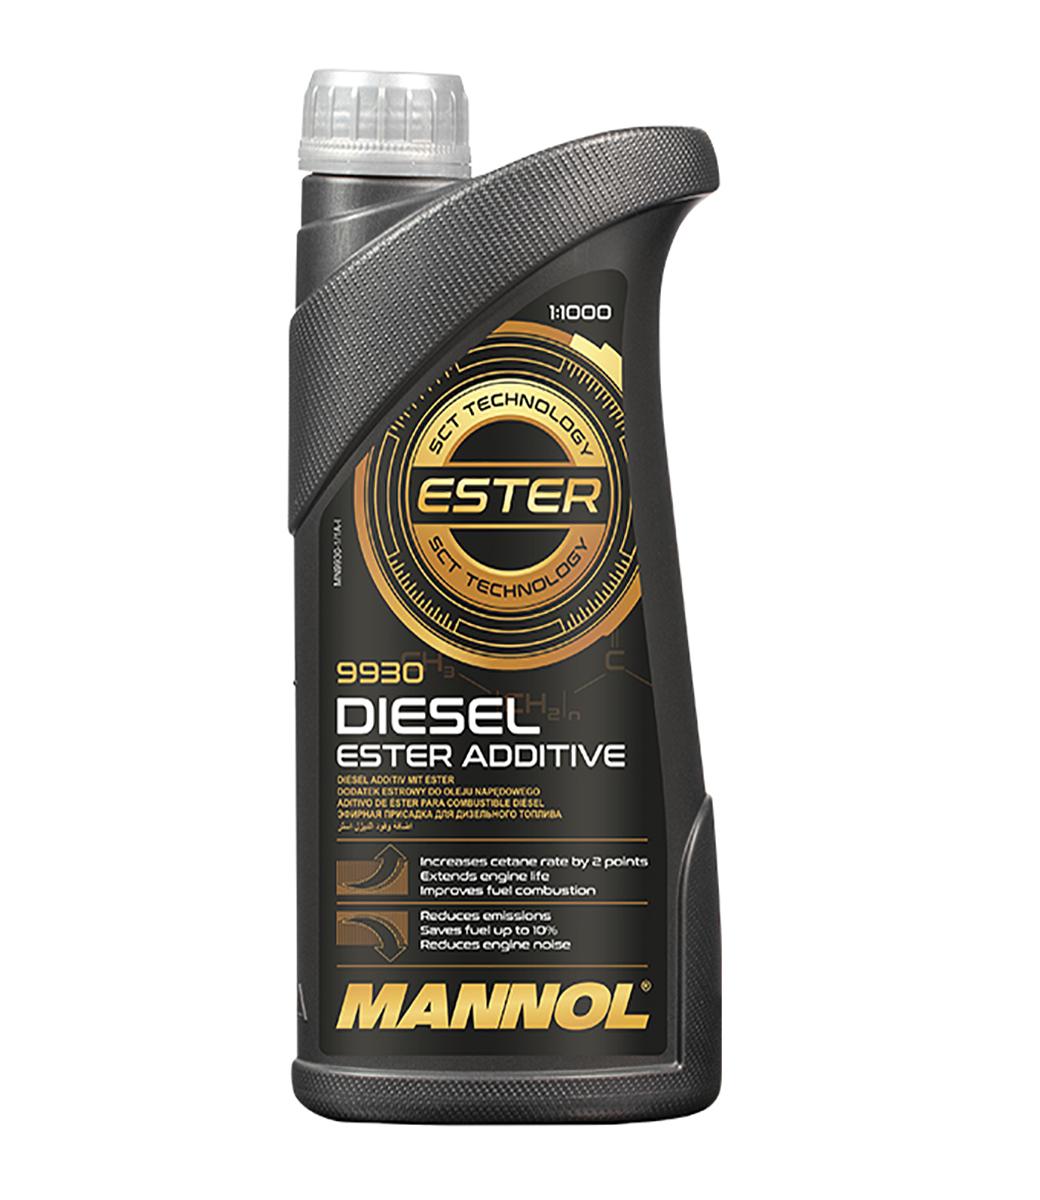 Diesel Ester Additive